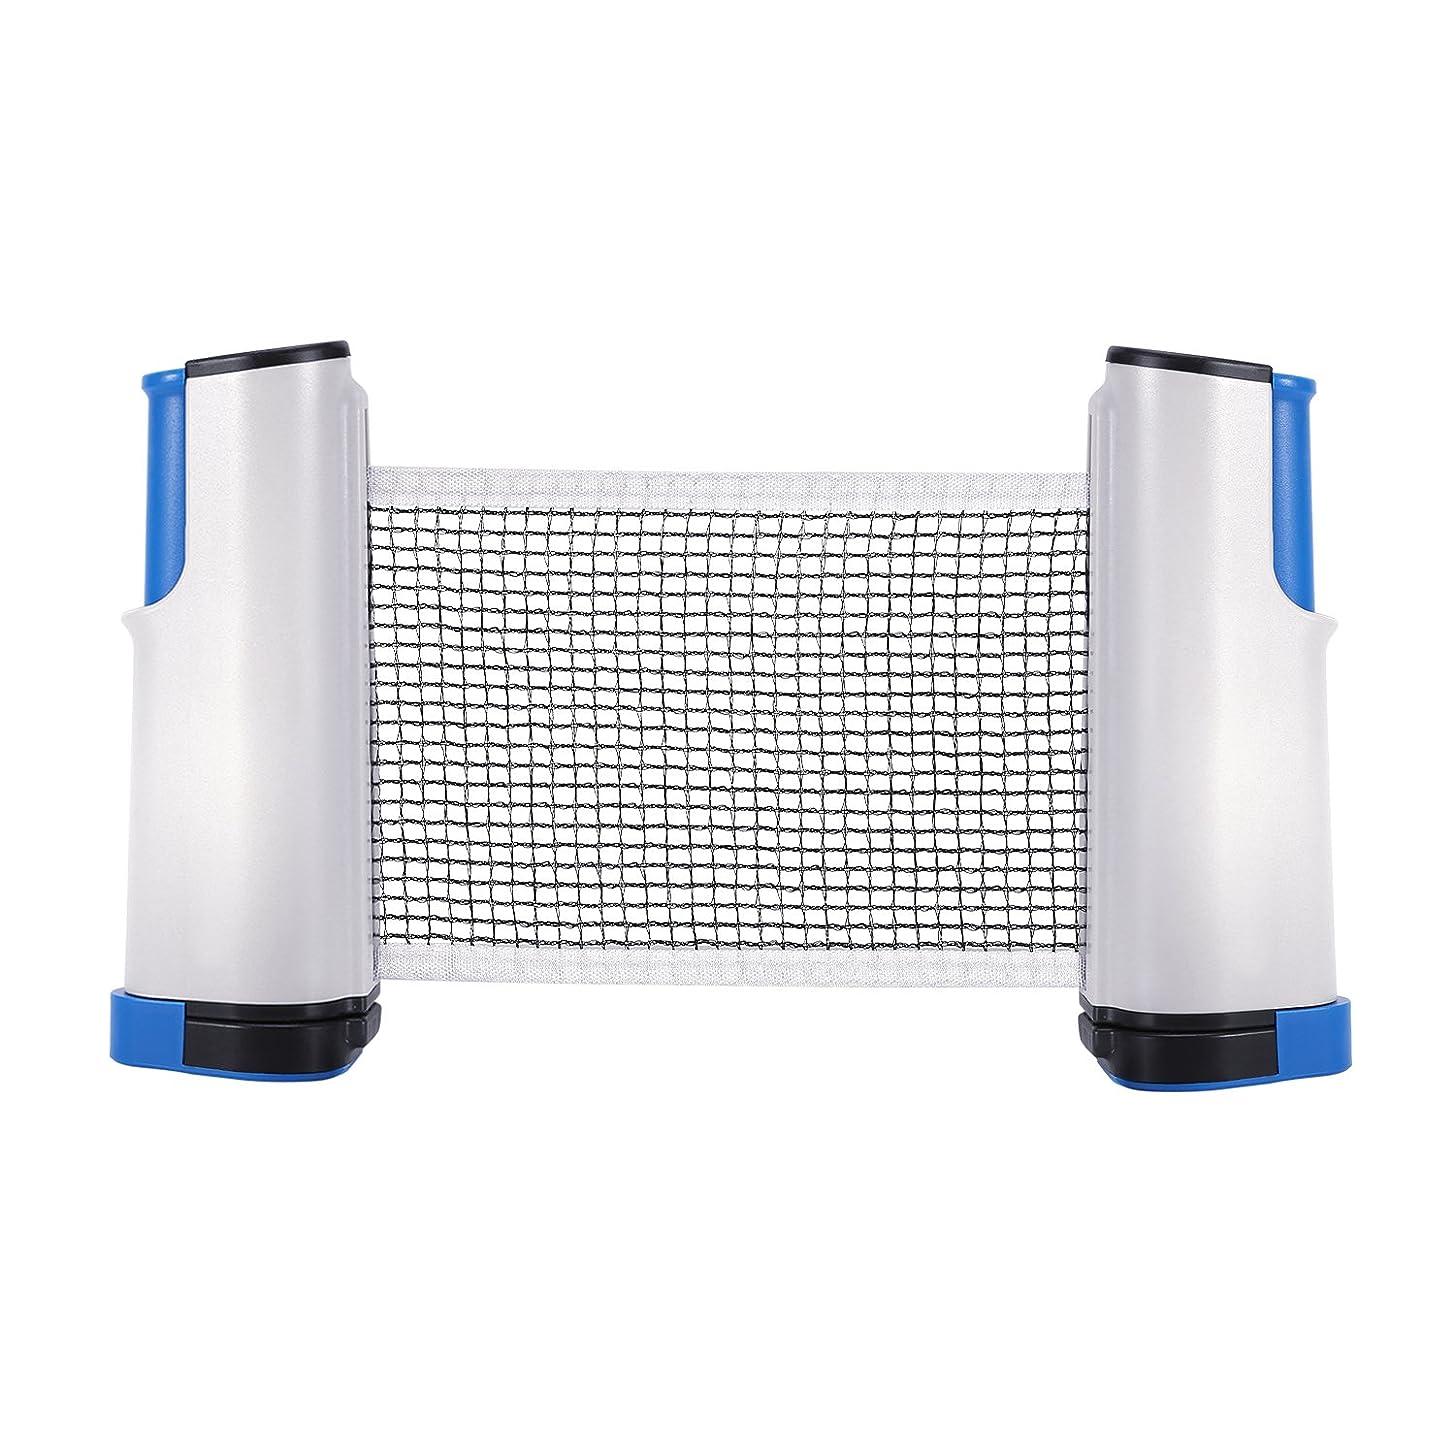 楽な発掘する空いているEboxer 卓球ネット  開閉式  伸縮ネット式 軽量 初心者適用 190CM延長することができる 全2色 持ち運び便利